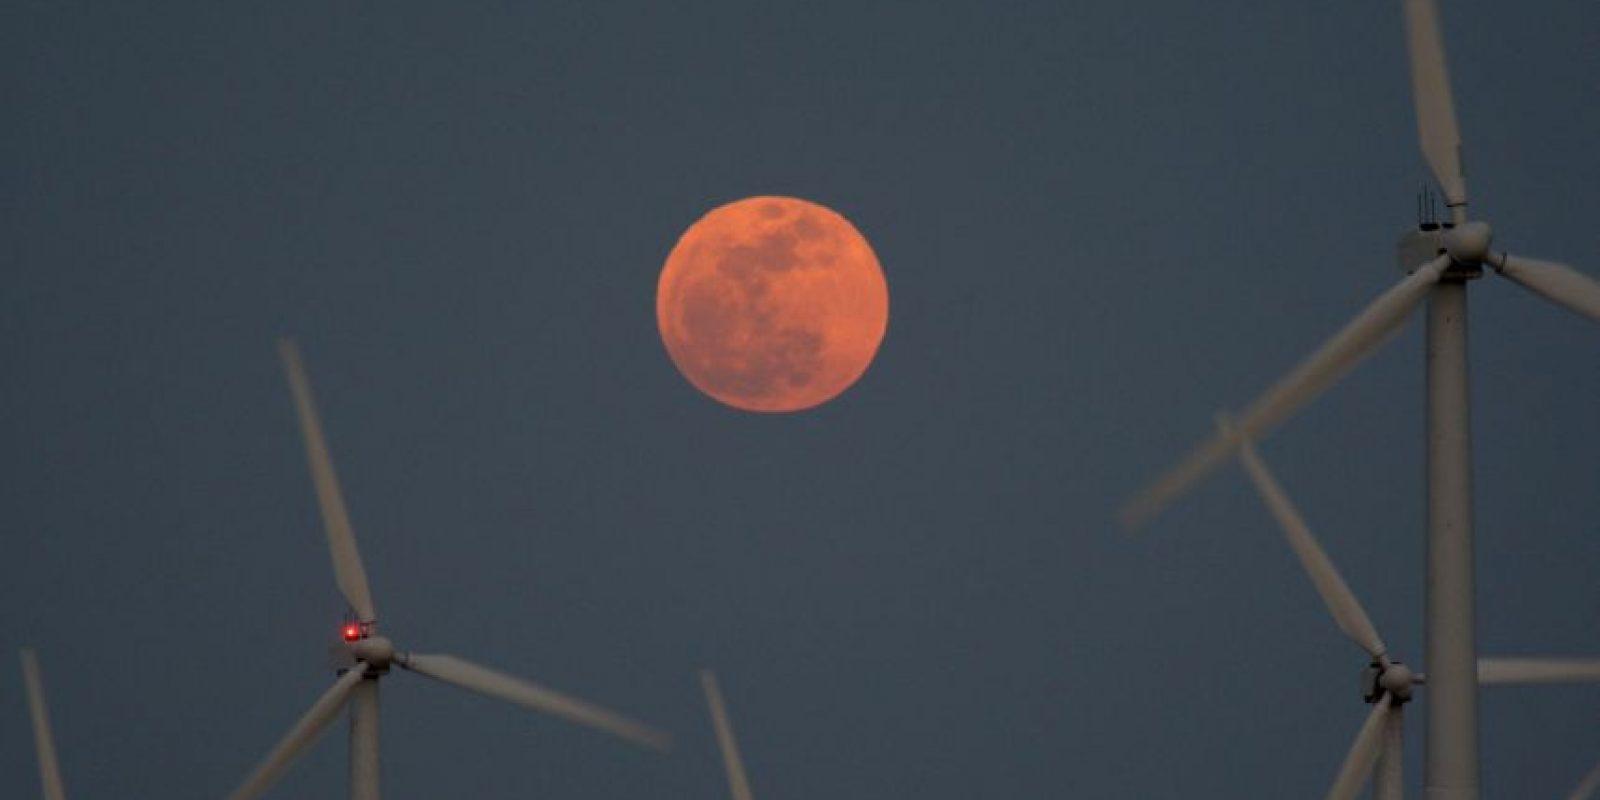 Imagen de la Superluna registrada el 5 de mayo de 2012. La fotografía se tomo en Palm Springs, California, Estados Unidos Foto:Getty Images. Imagen Por: